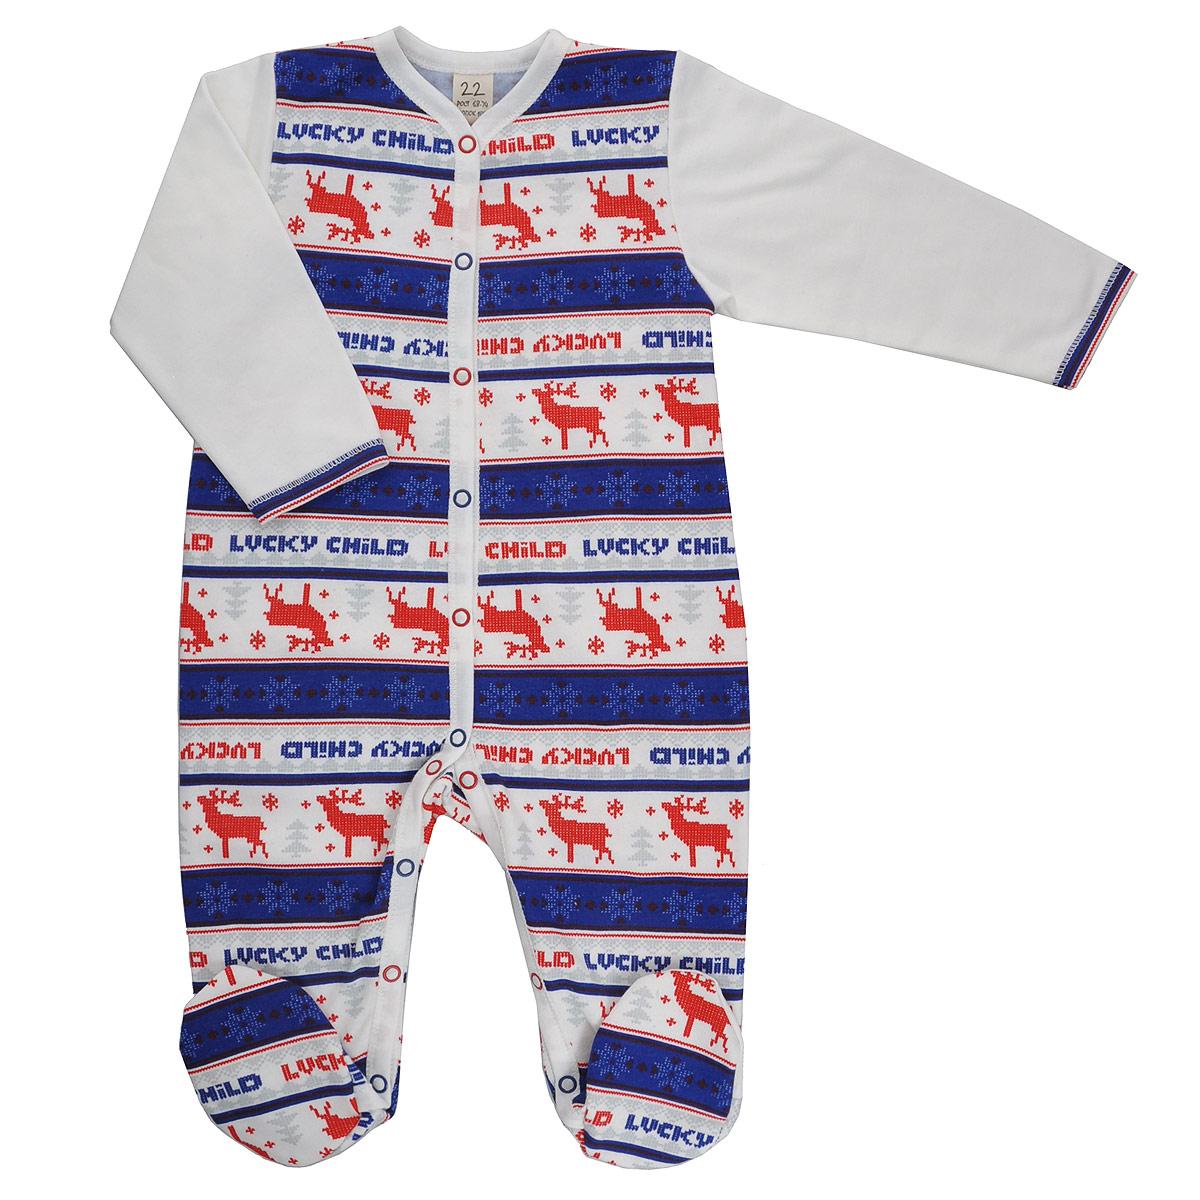 Комбинезон детский Lucky Child Скандинавия, цвет: молочный, синий, красный. 10-1. Размер 68/7410-1_футерДетский комбинезон Lucky Child Скандинавия - очень удобный и практичный вид одежды для малышей. Комбинезон выполнен из теплого футера - натурального хлопка, благодаря чему он необычайно мягкий и приятный на ощупь, не раздражает нежную кожу ребенка и хорошо вентилируется, а эластичные швы приятны телу малыша и не препятствуют его движениям. Комбинезон с длинными рукавами и закрытыми ножками имеет застежки-кнопки от горловины до щиколоток, которые помогают легко переодеть младенца или сменить подгузник. Оформлена модель модным скандинавским принтом. С детским комбинезоном Lucky Child спинка и ножки вашего малыша всегда будут в тепле, он идеален для использования днем и незаменим ночью. Комбинезон полностью соответствует особенностям жизни младенца в ранний период, не стесняя и не ограничивая его в движениях!